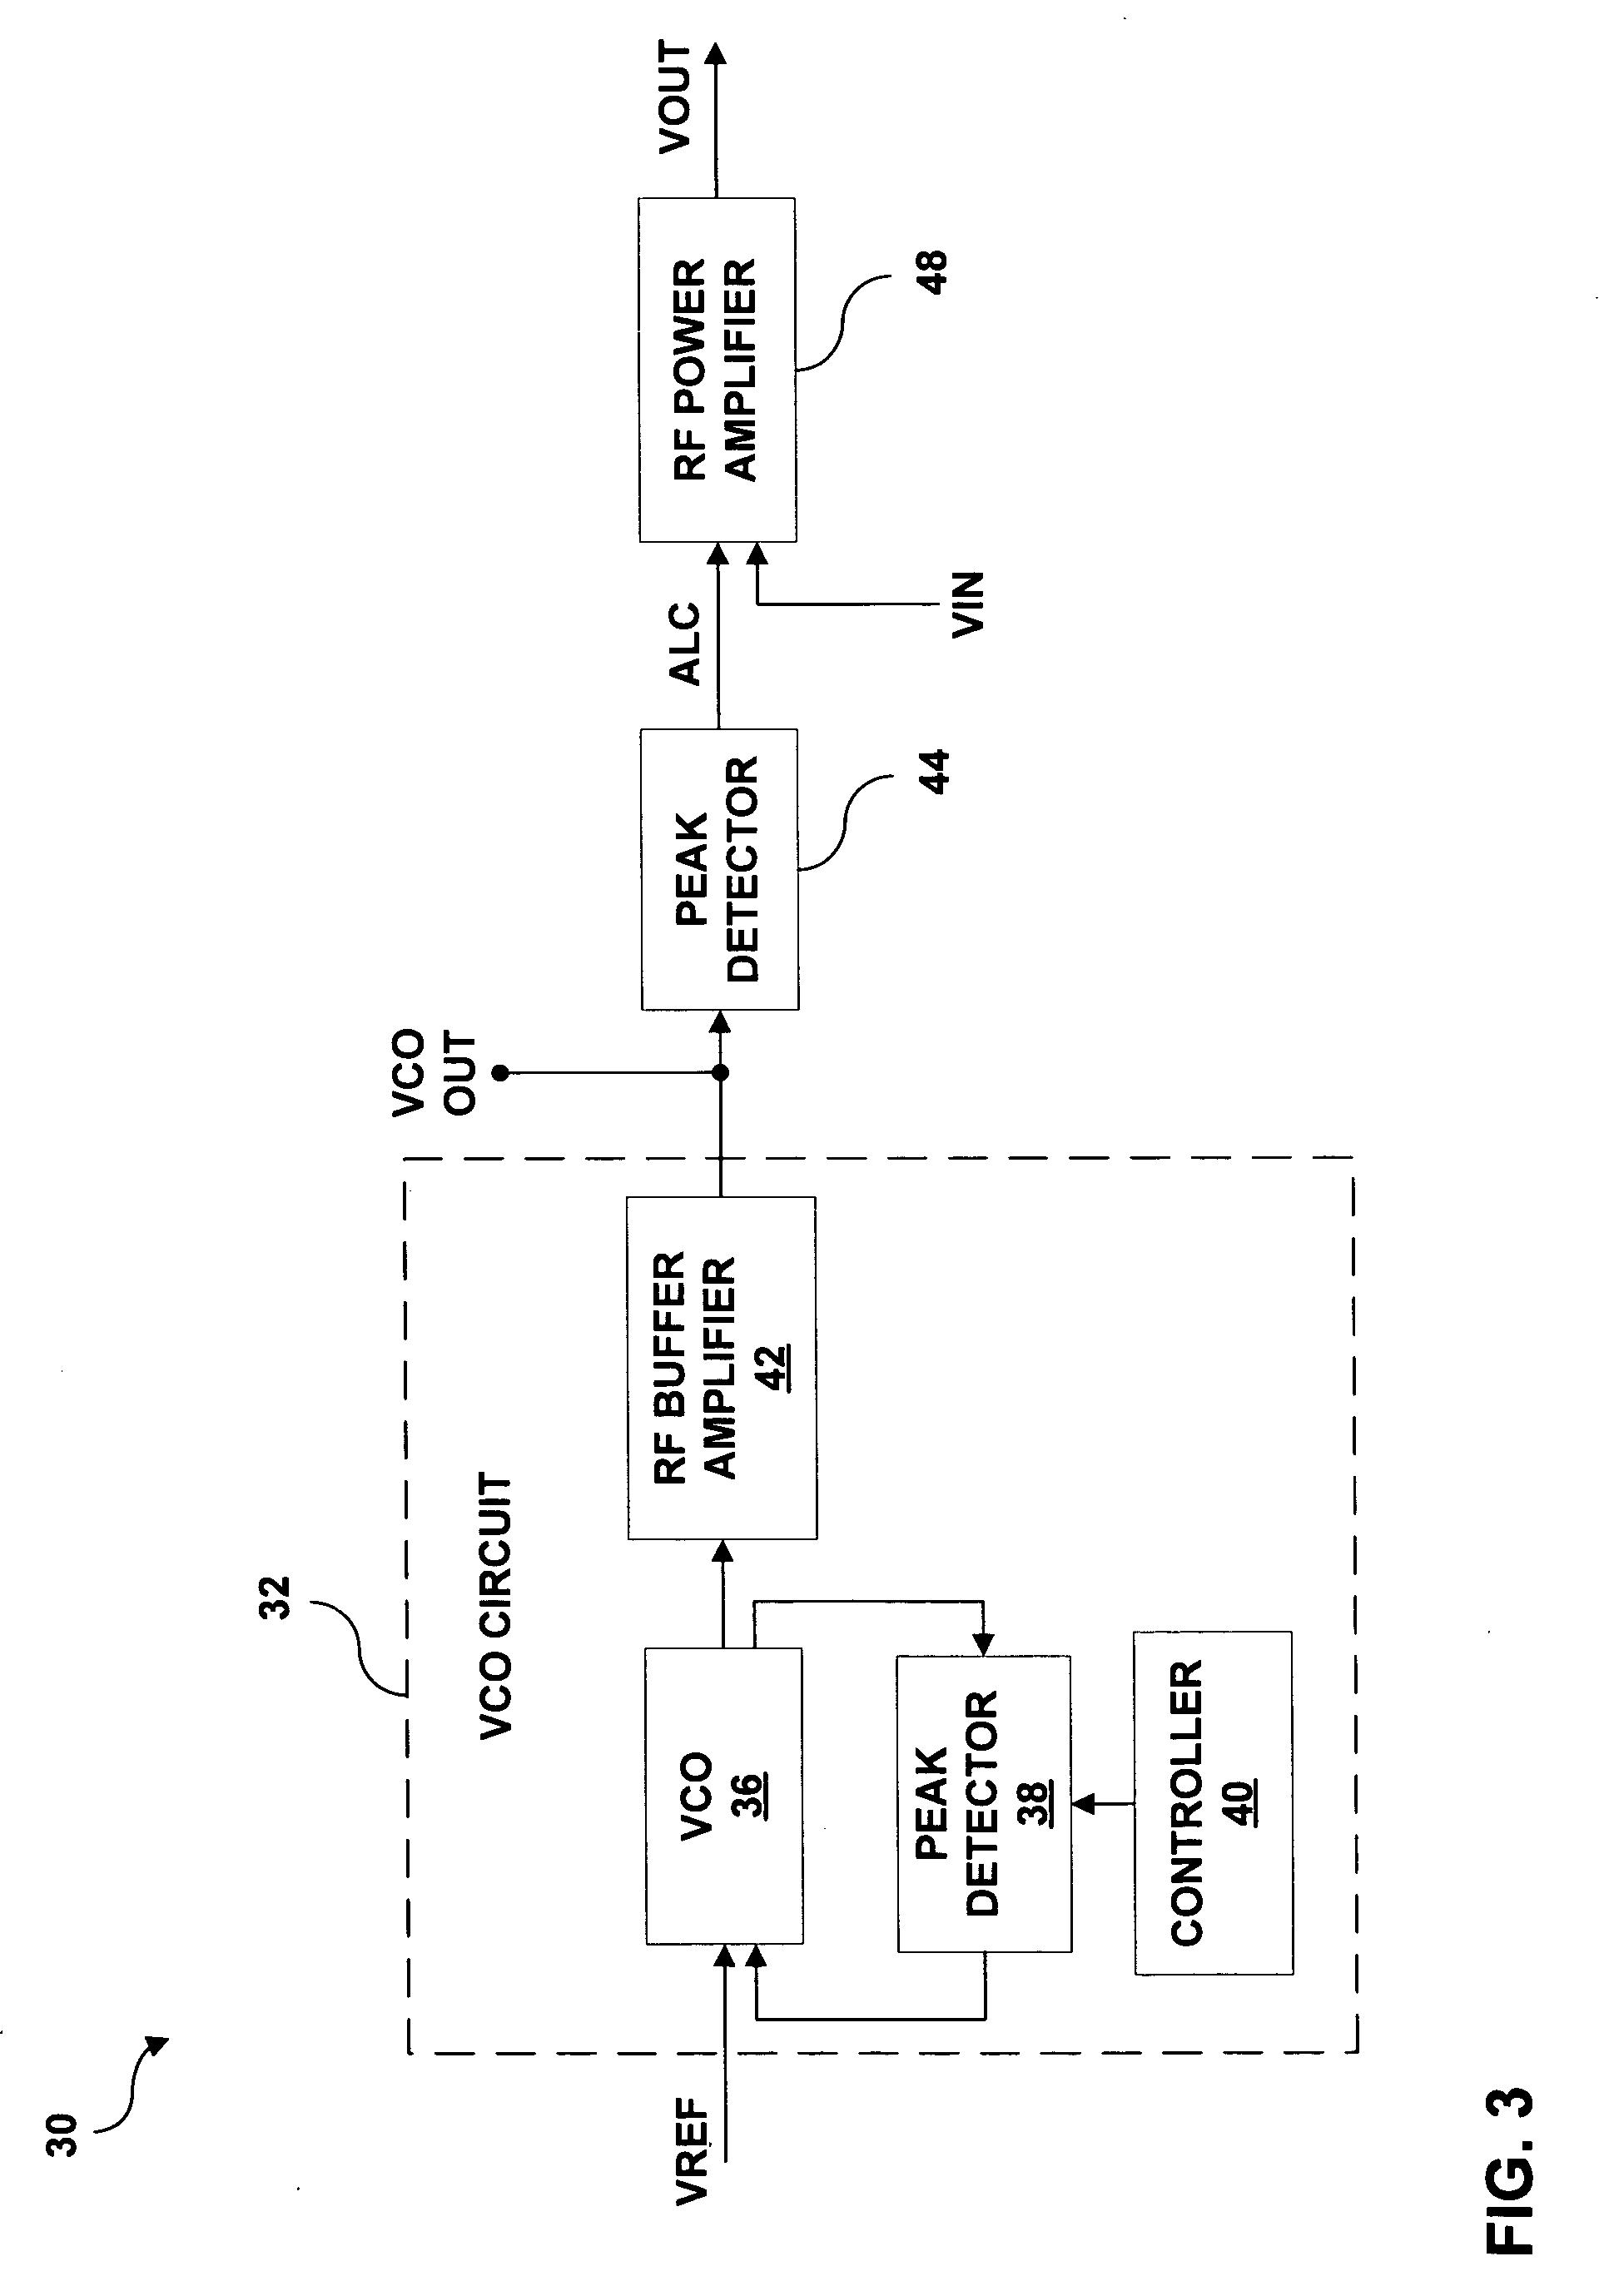 patent us7271674